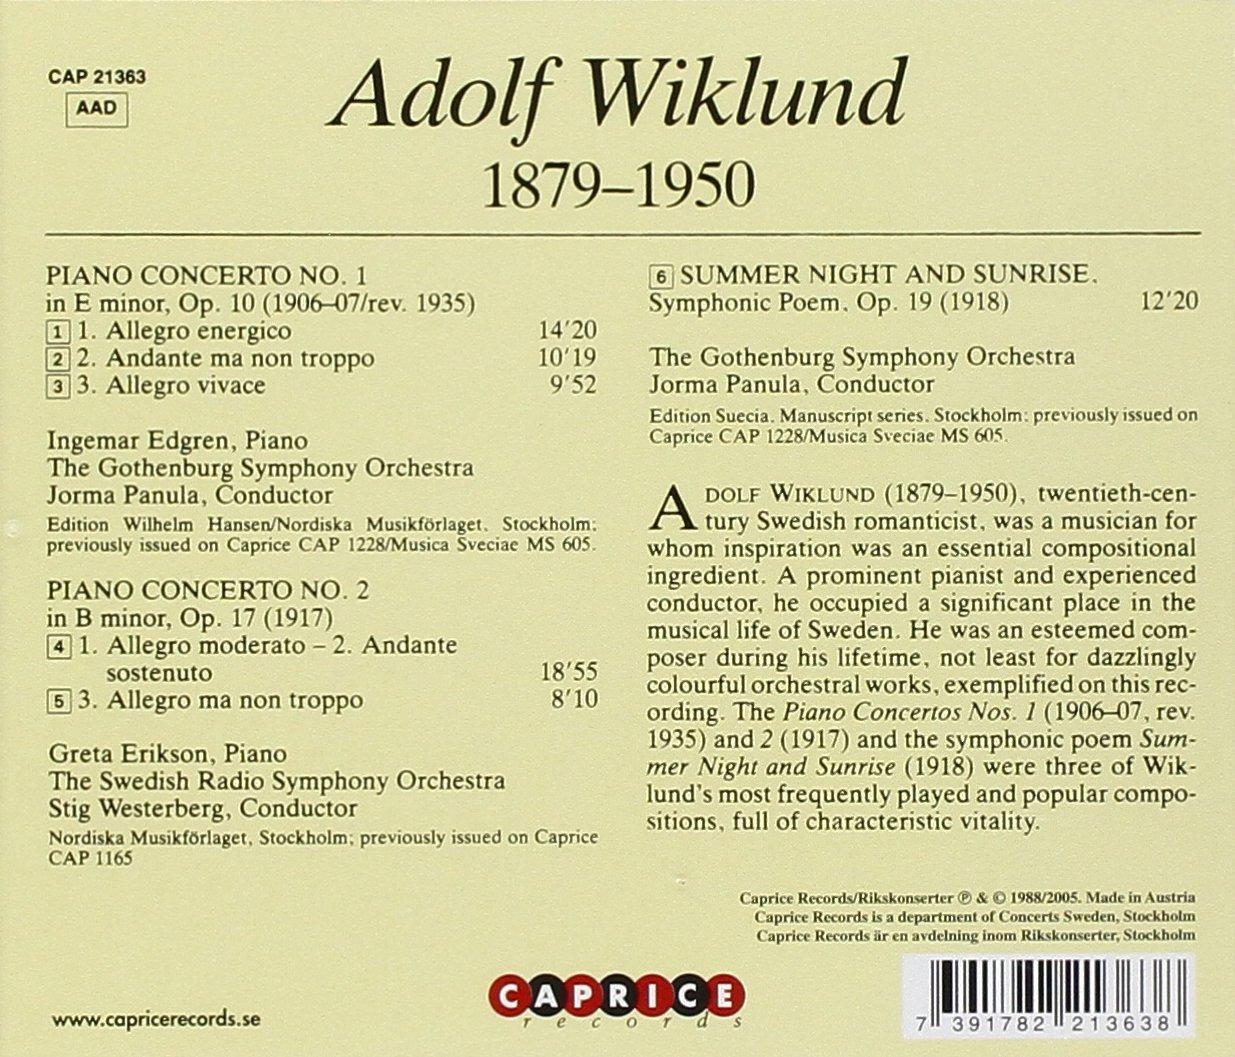 Adolf Wiklund 64bec19c63b6a